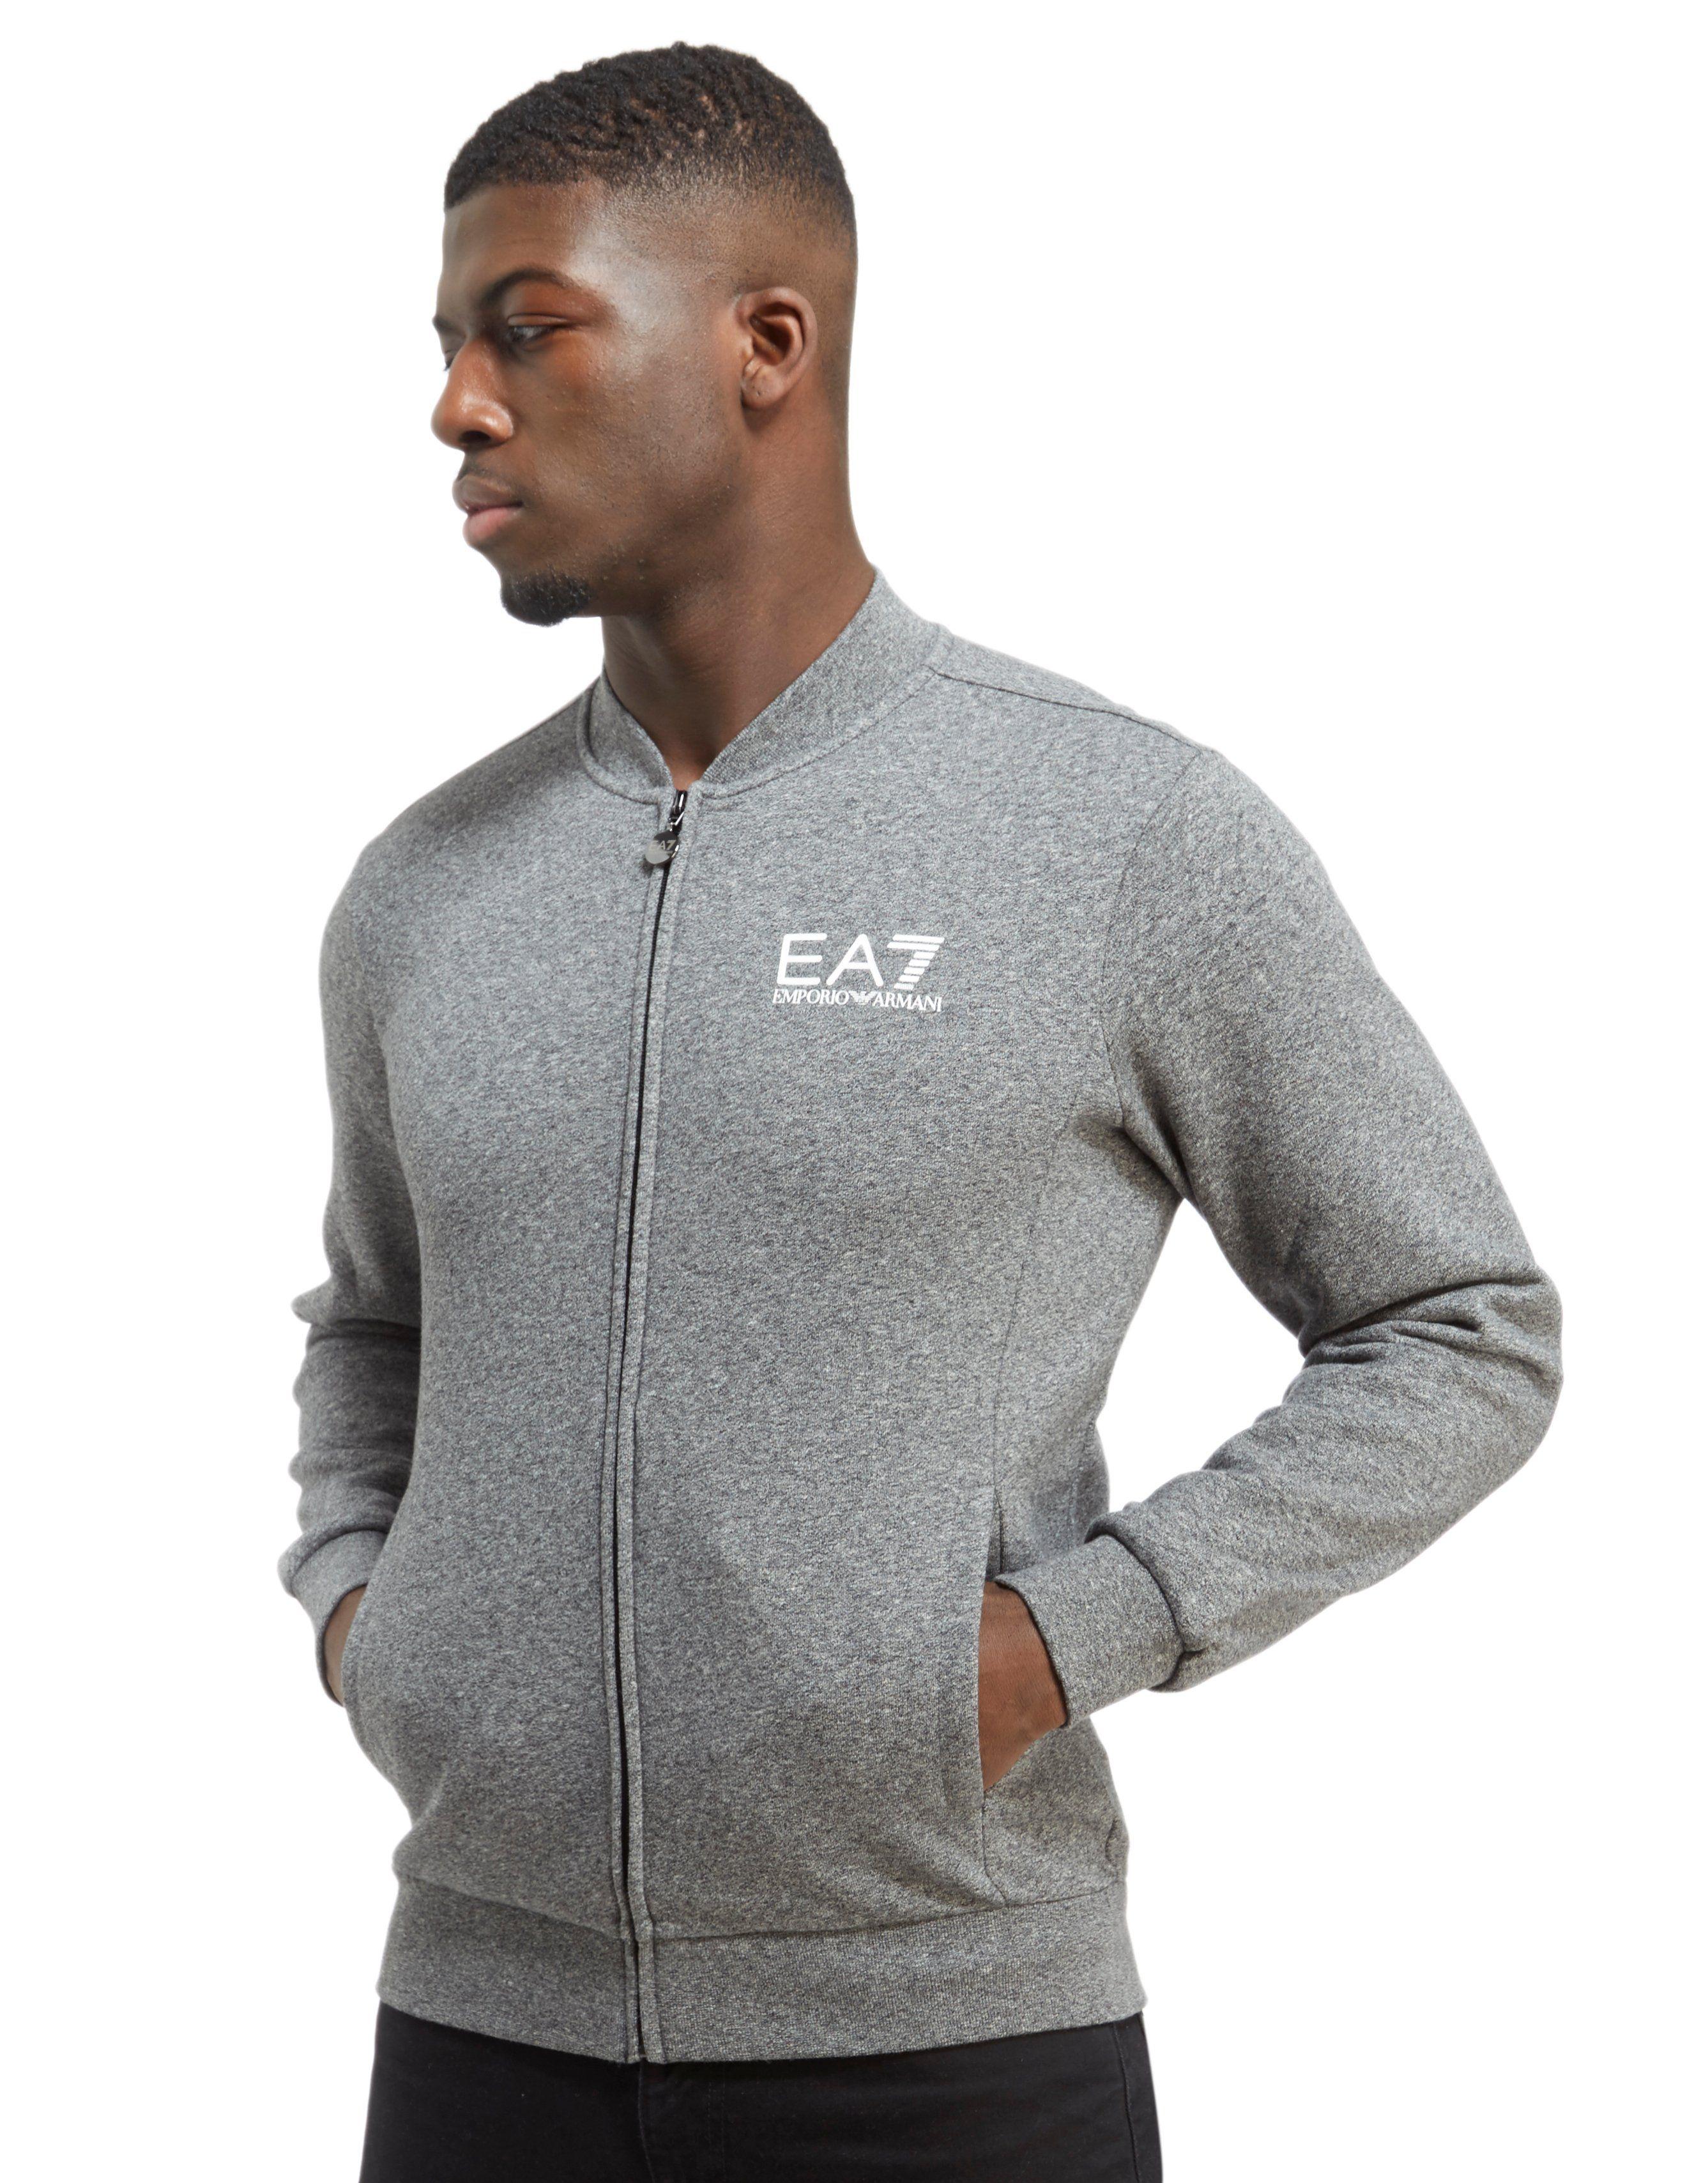 Emporio Armani EA7 Core Fleece Baseball Jacket | JD Sports